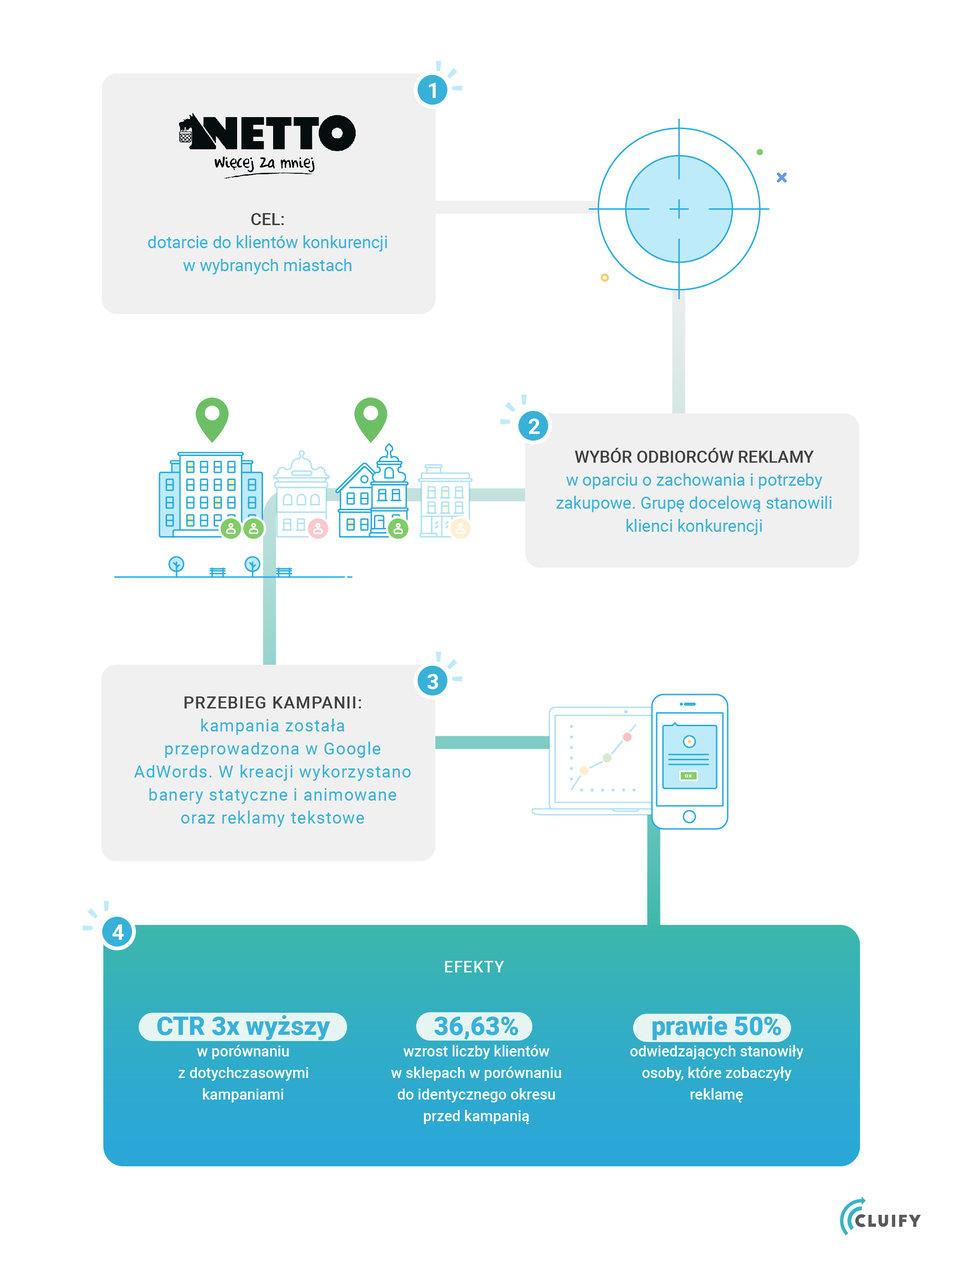 cluify-infografika-case-study-Netto-2-poprawki-03.jpg